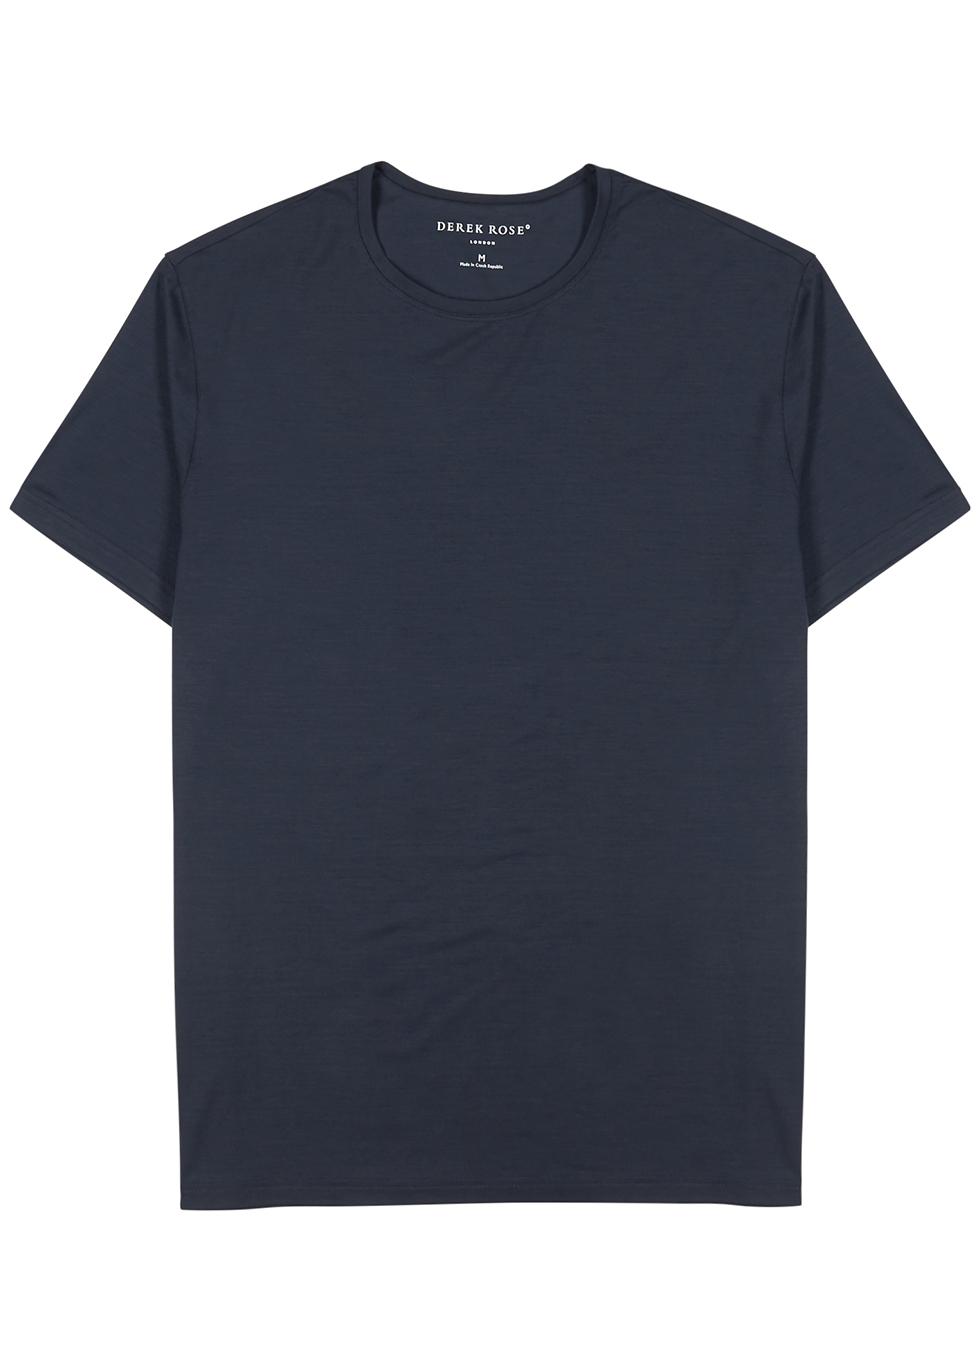 Navy jersey T-shirt